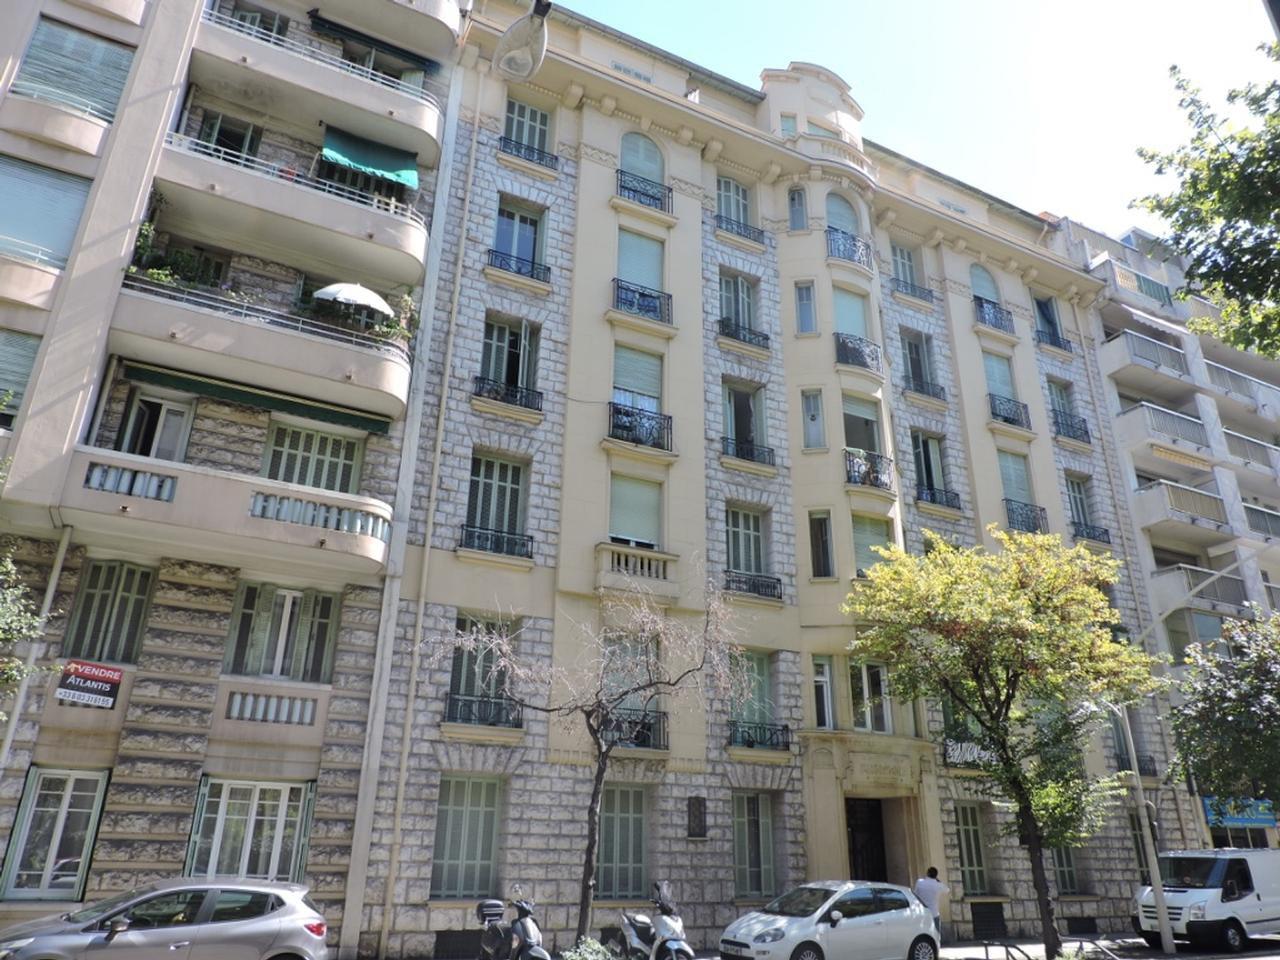 PARC IMPERIAL/GROSSO, 2 pièces en étage élevé, bel Art Deco